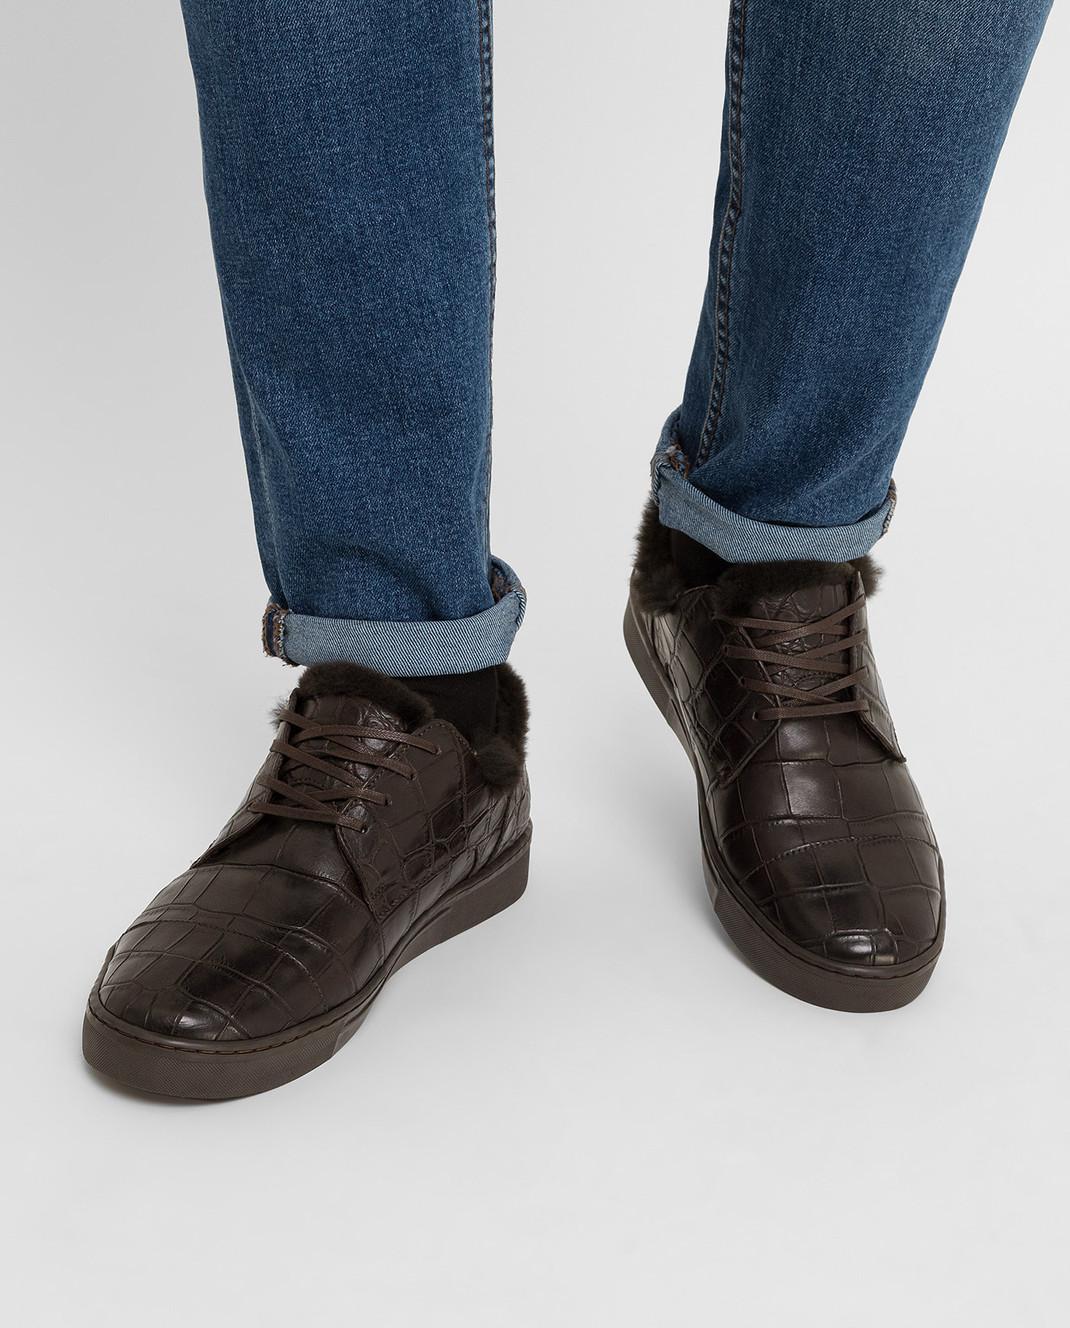 Del Dami Темно-коричневые ботинки из кожи крокодила на меху 3604 изображение 2